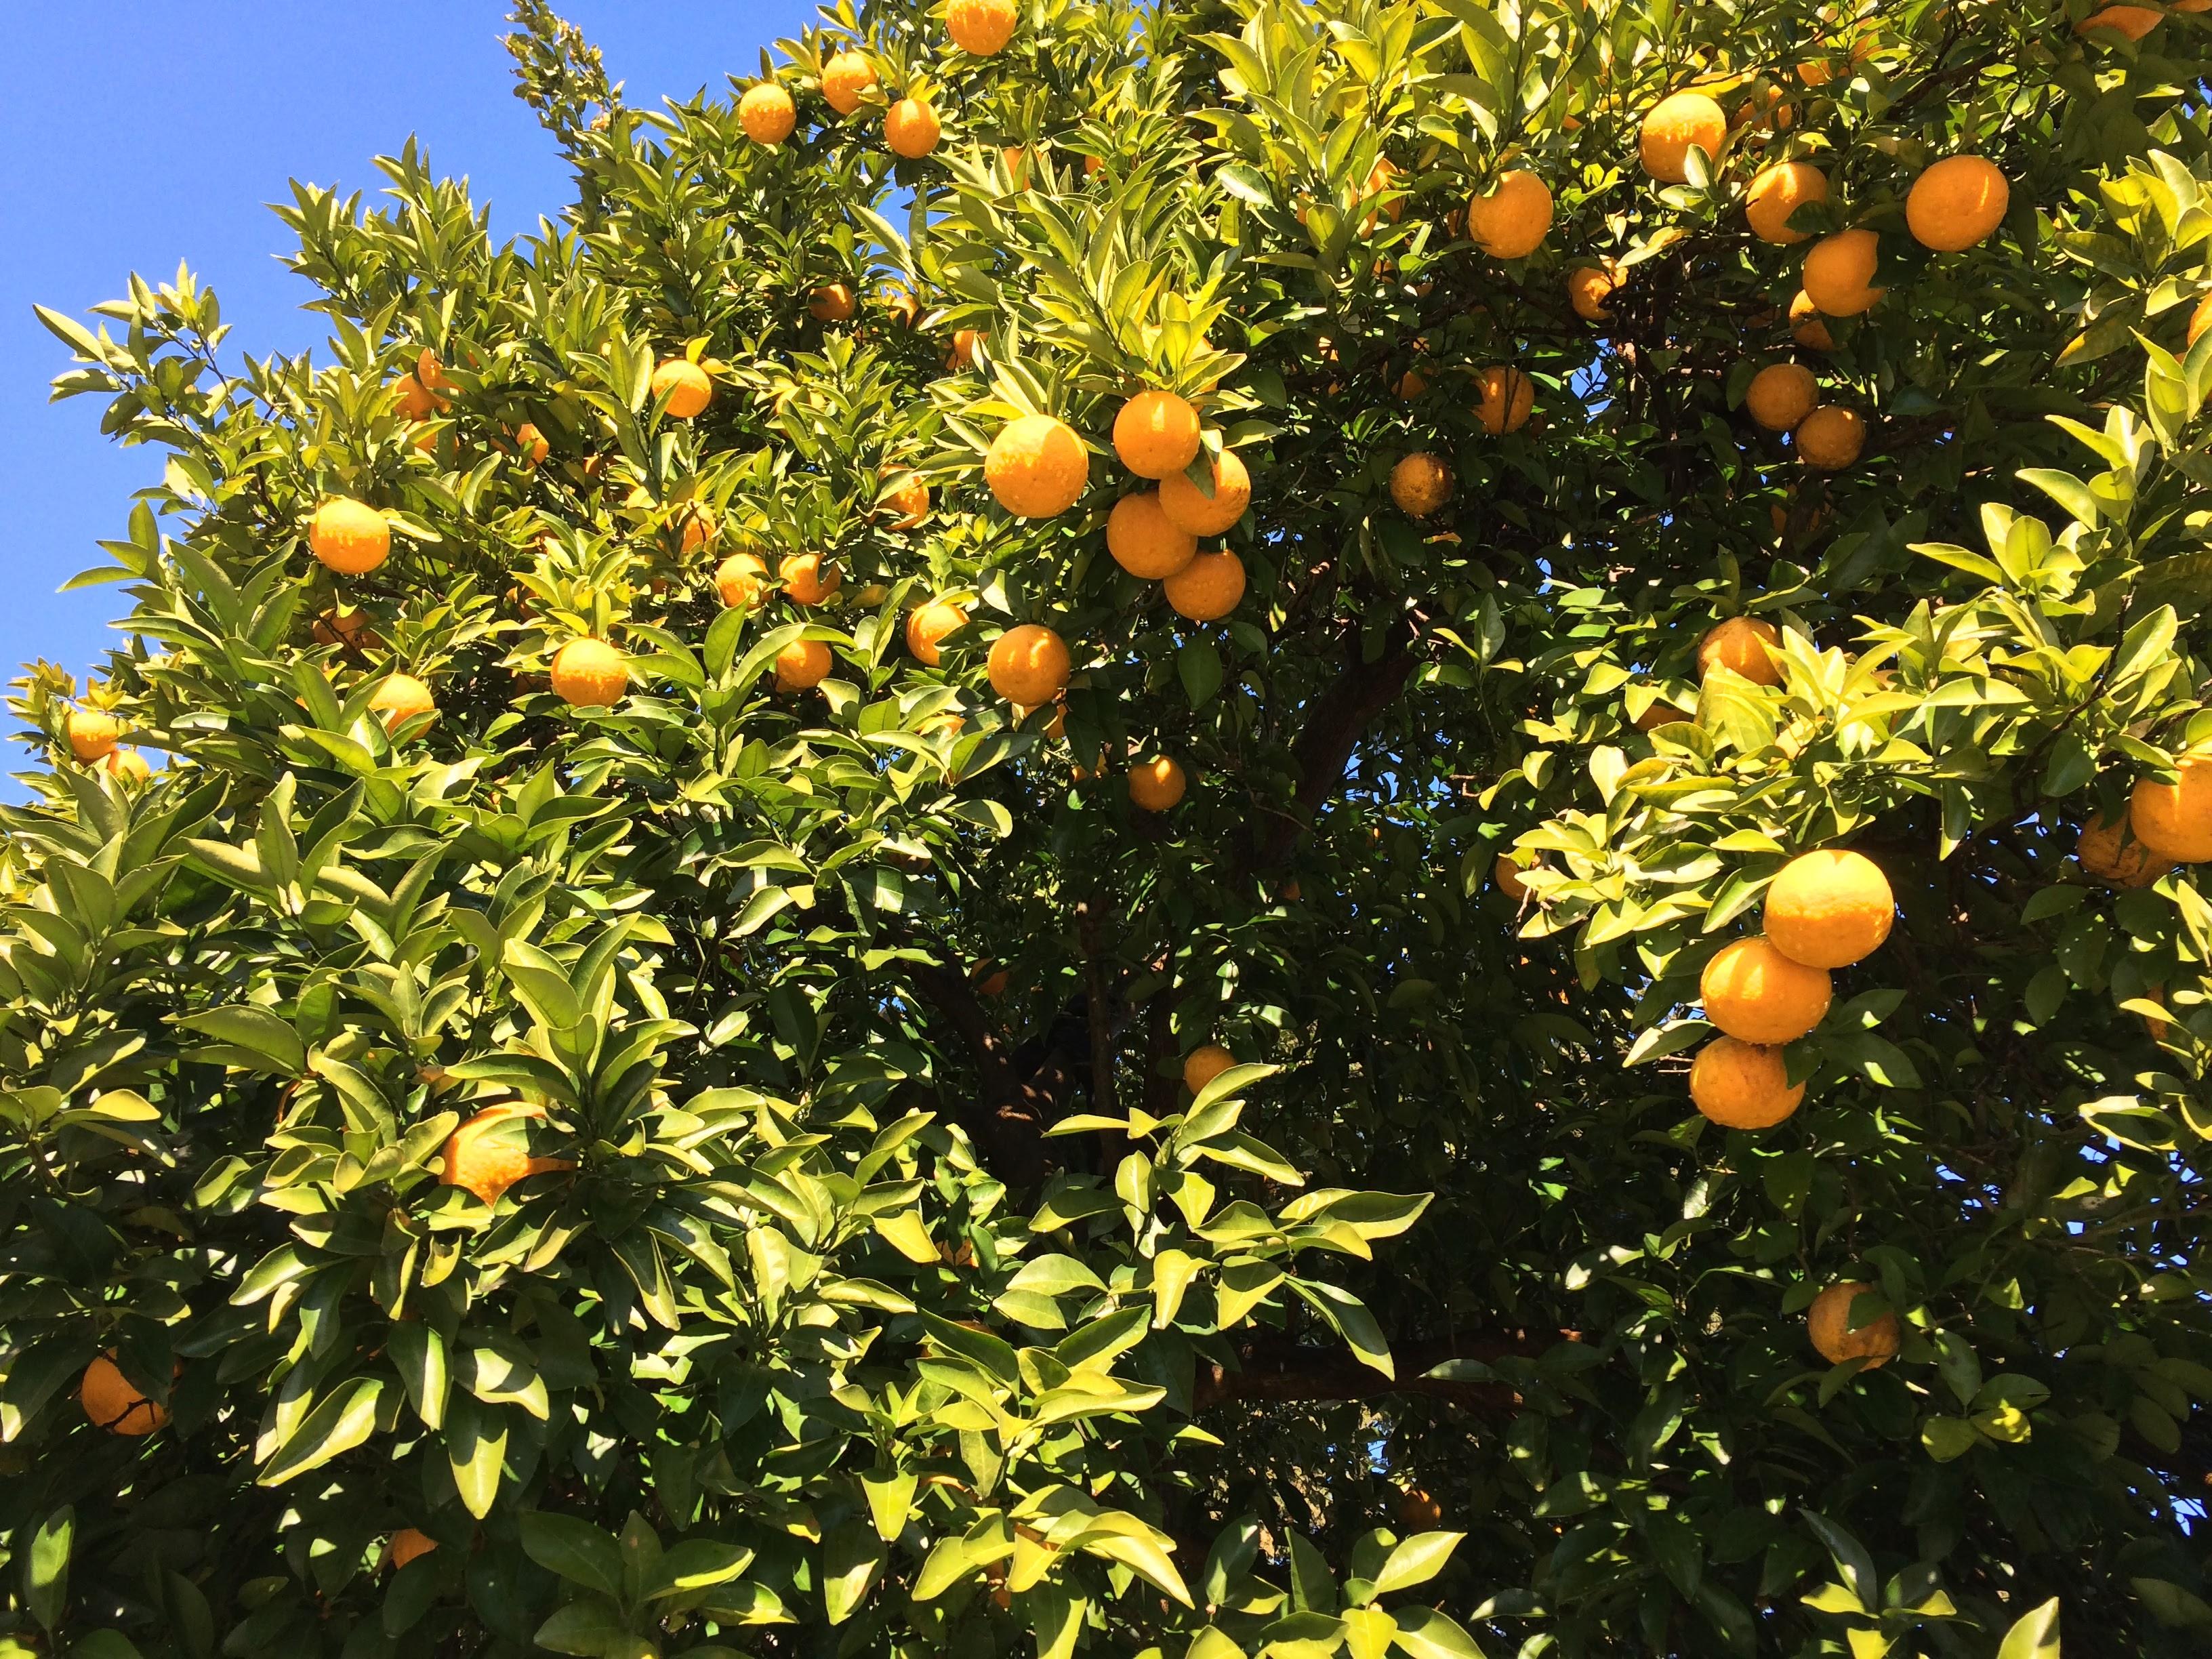 夏みかん収穫と薪割り 日高くるくるねっっと活動報告